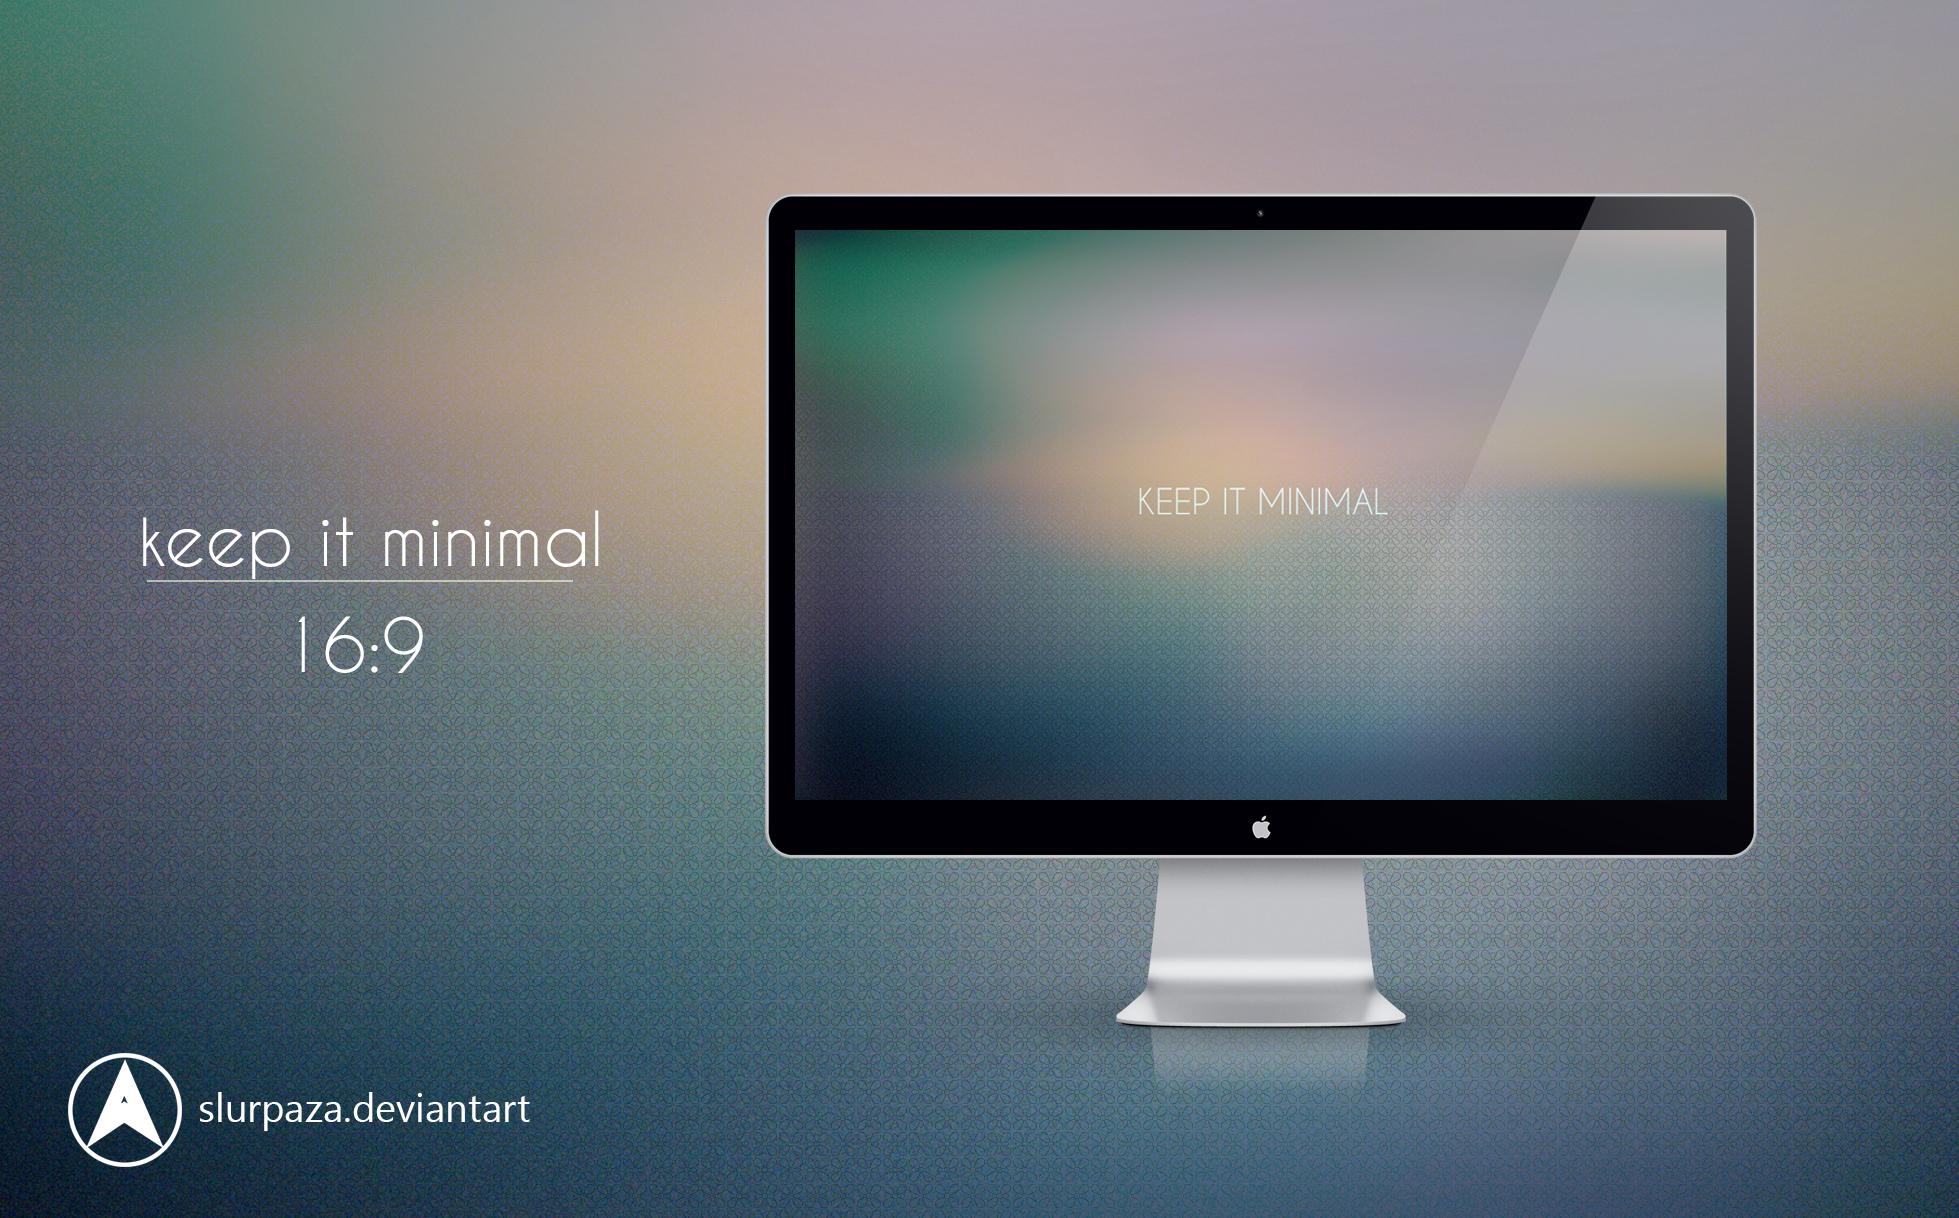 keep it minimal by Slurpaza